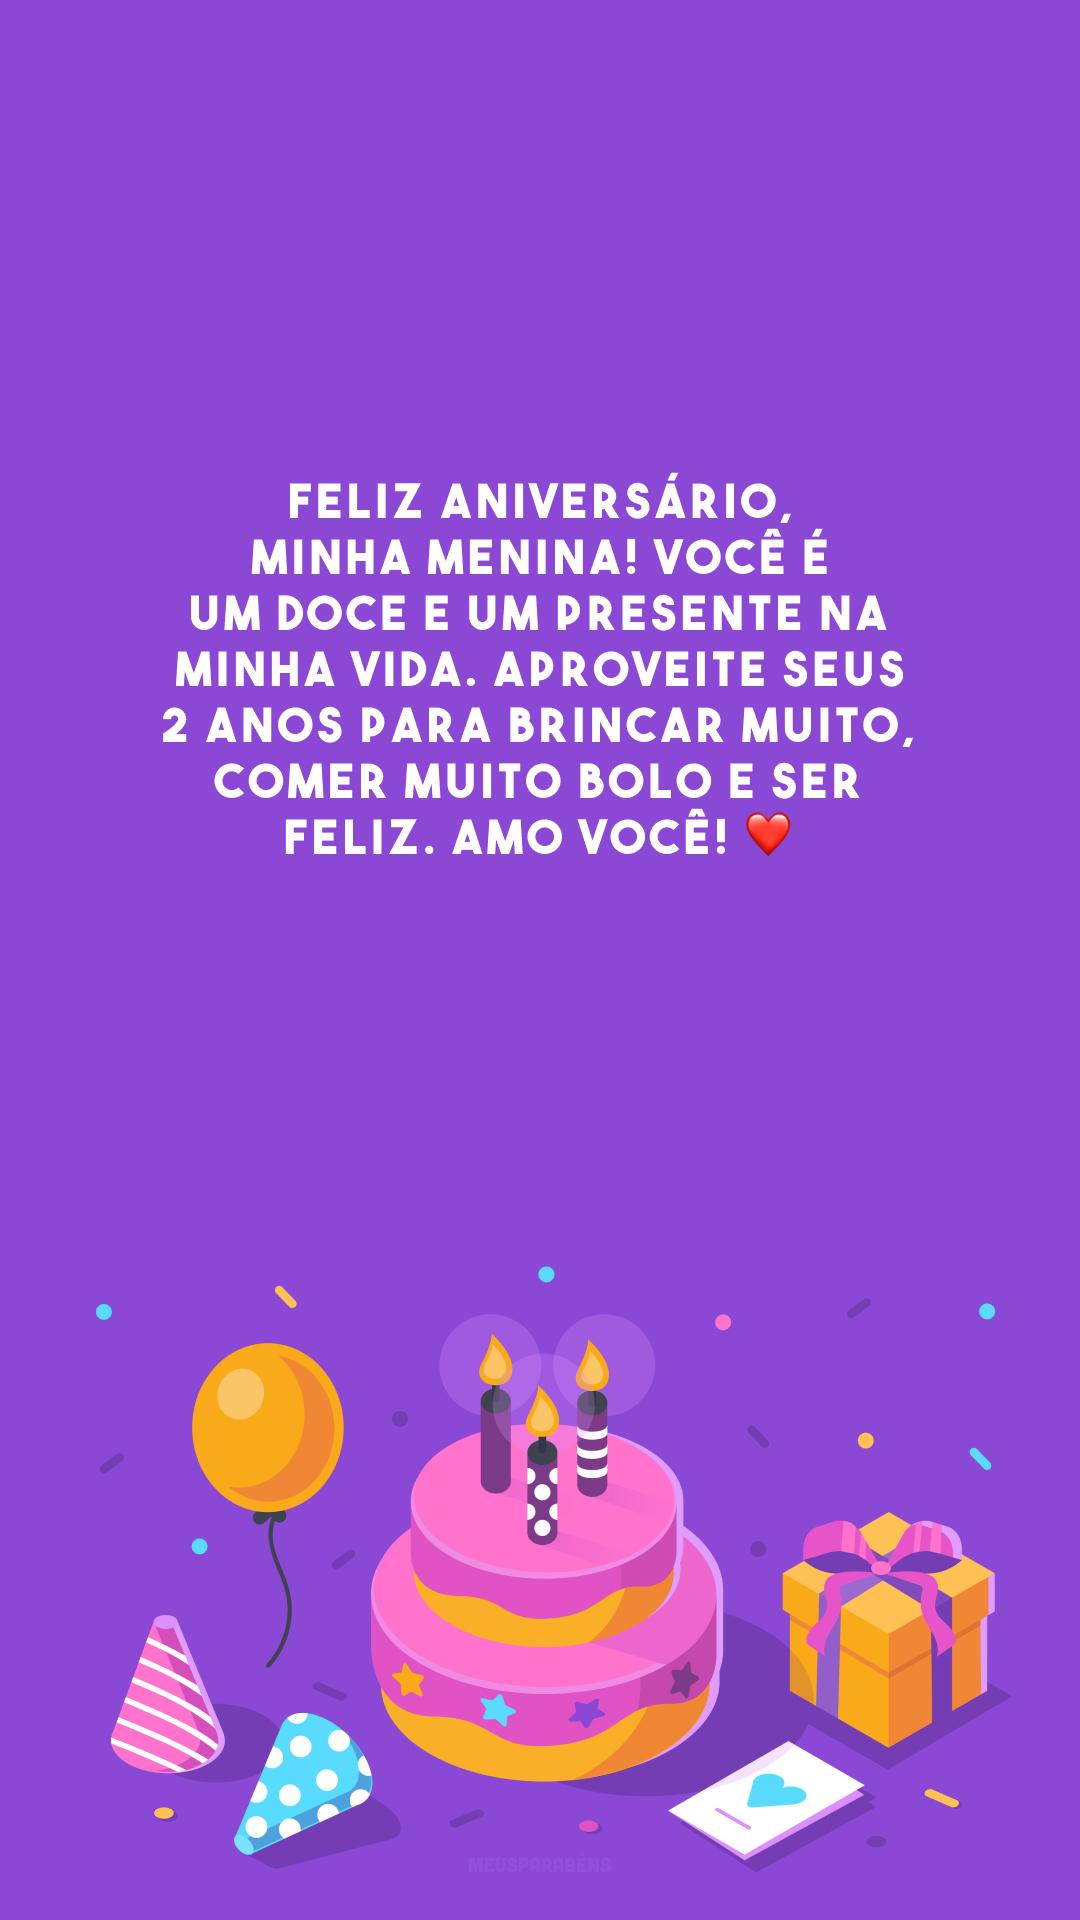 Feliz aniversário, minha menina! Você é um doce e um presente na minha vida. Aproveite seus 2 anos para brincar muito, comer muito bolo e ser feliz. Amo você! ❤️